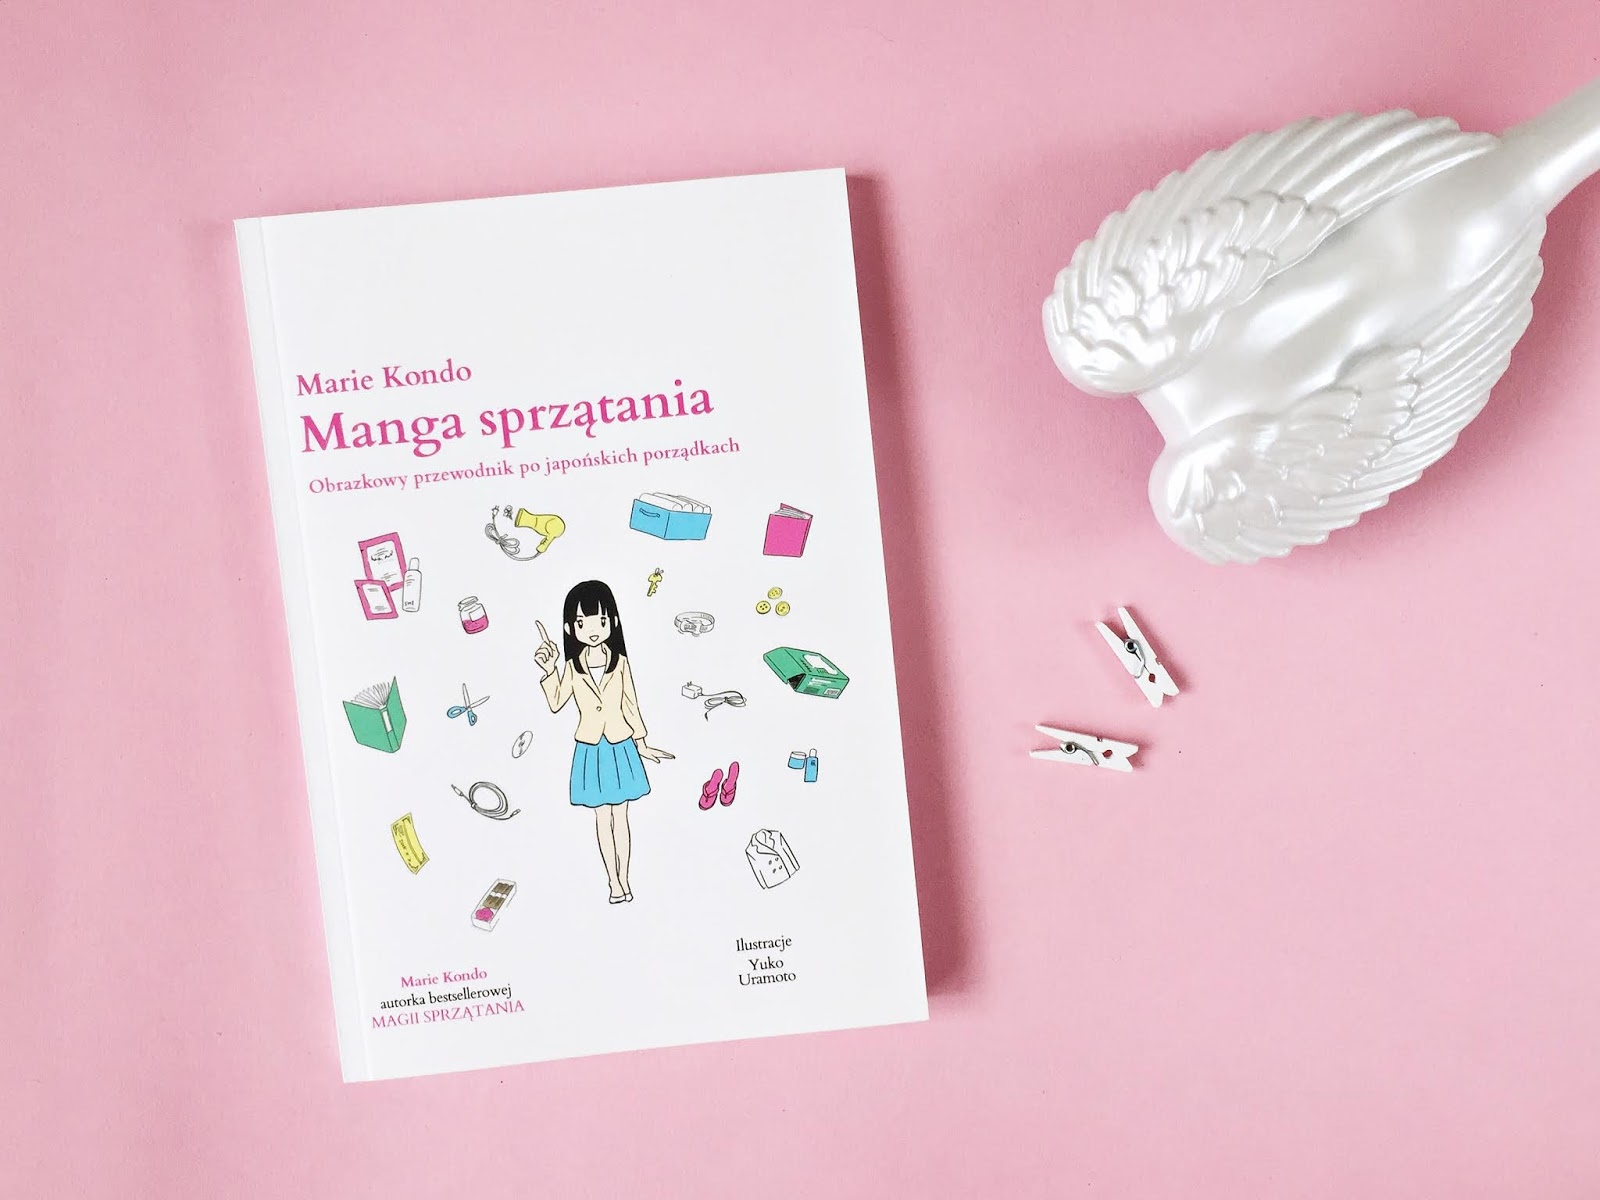 """""""Manga sprzątania"""" marie kondo"""